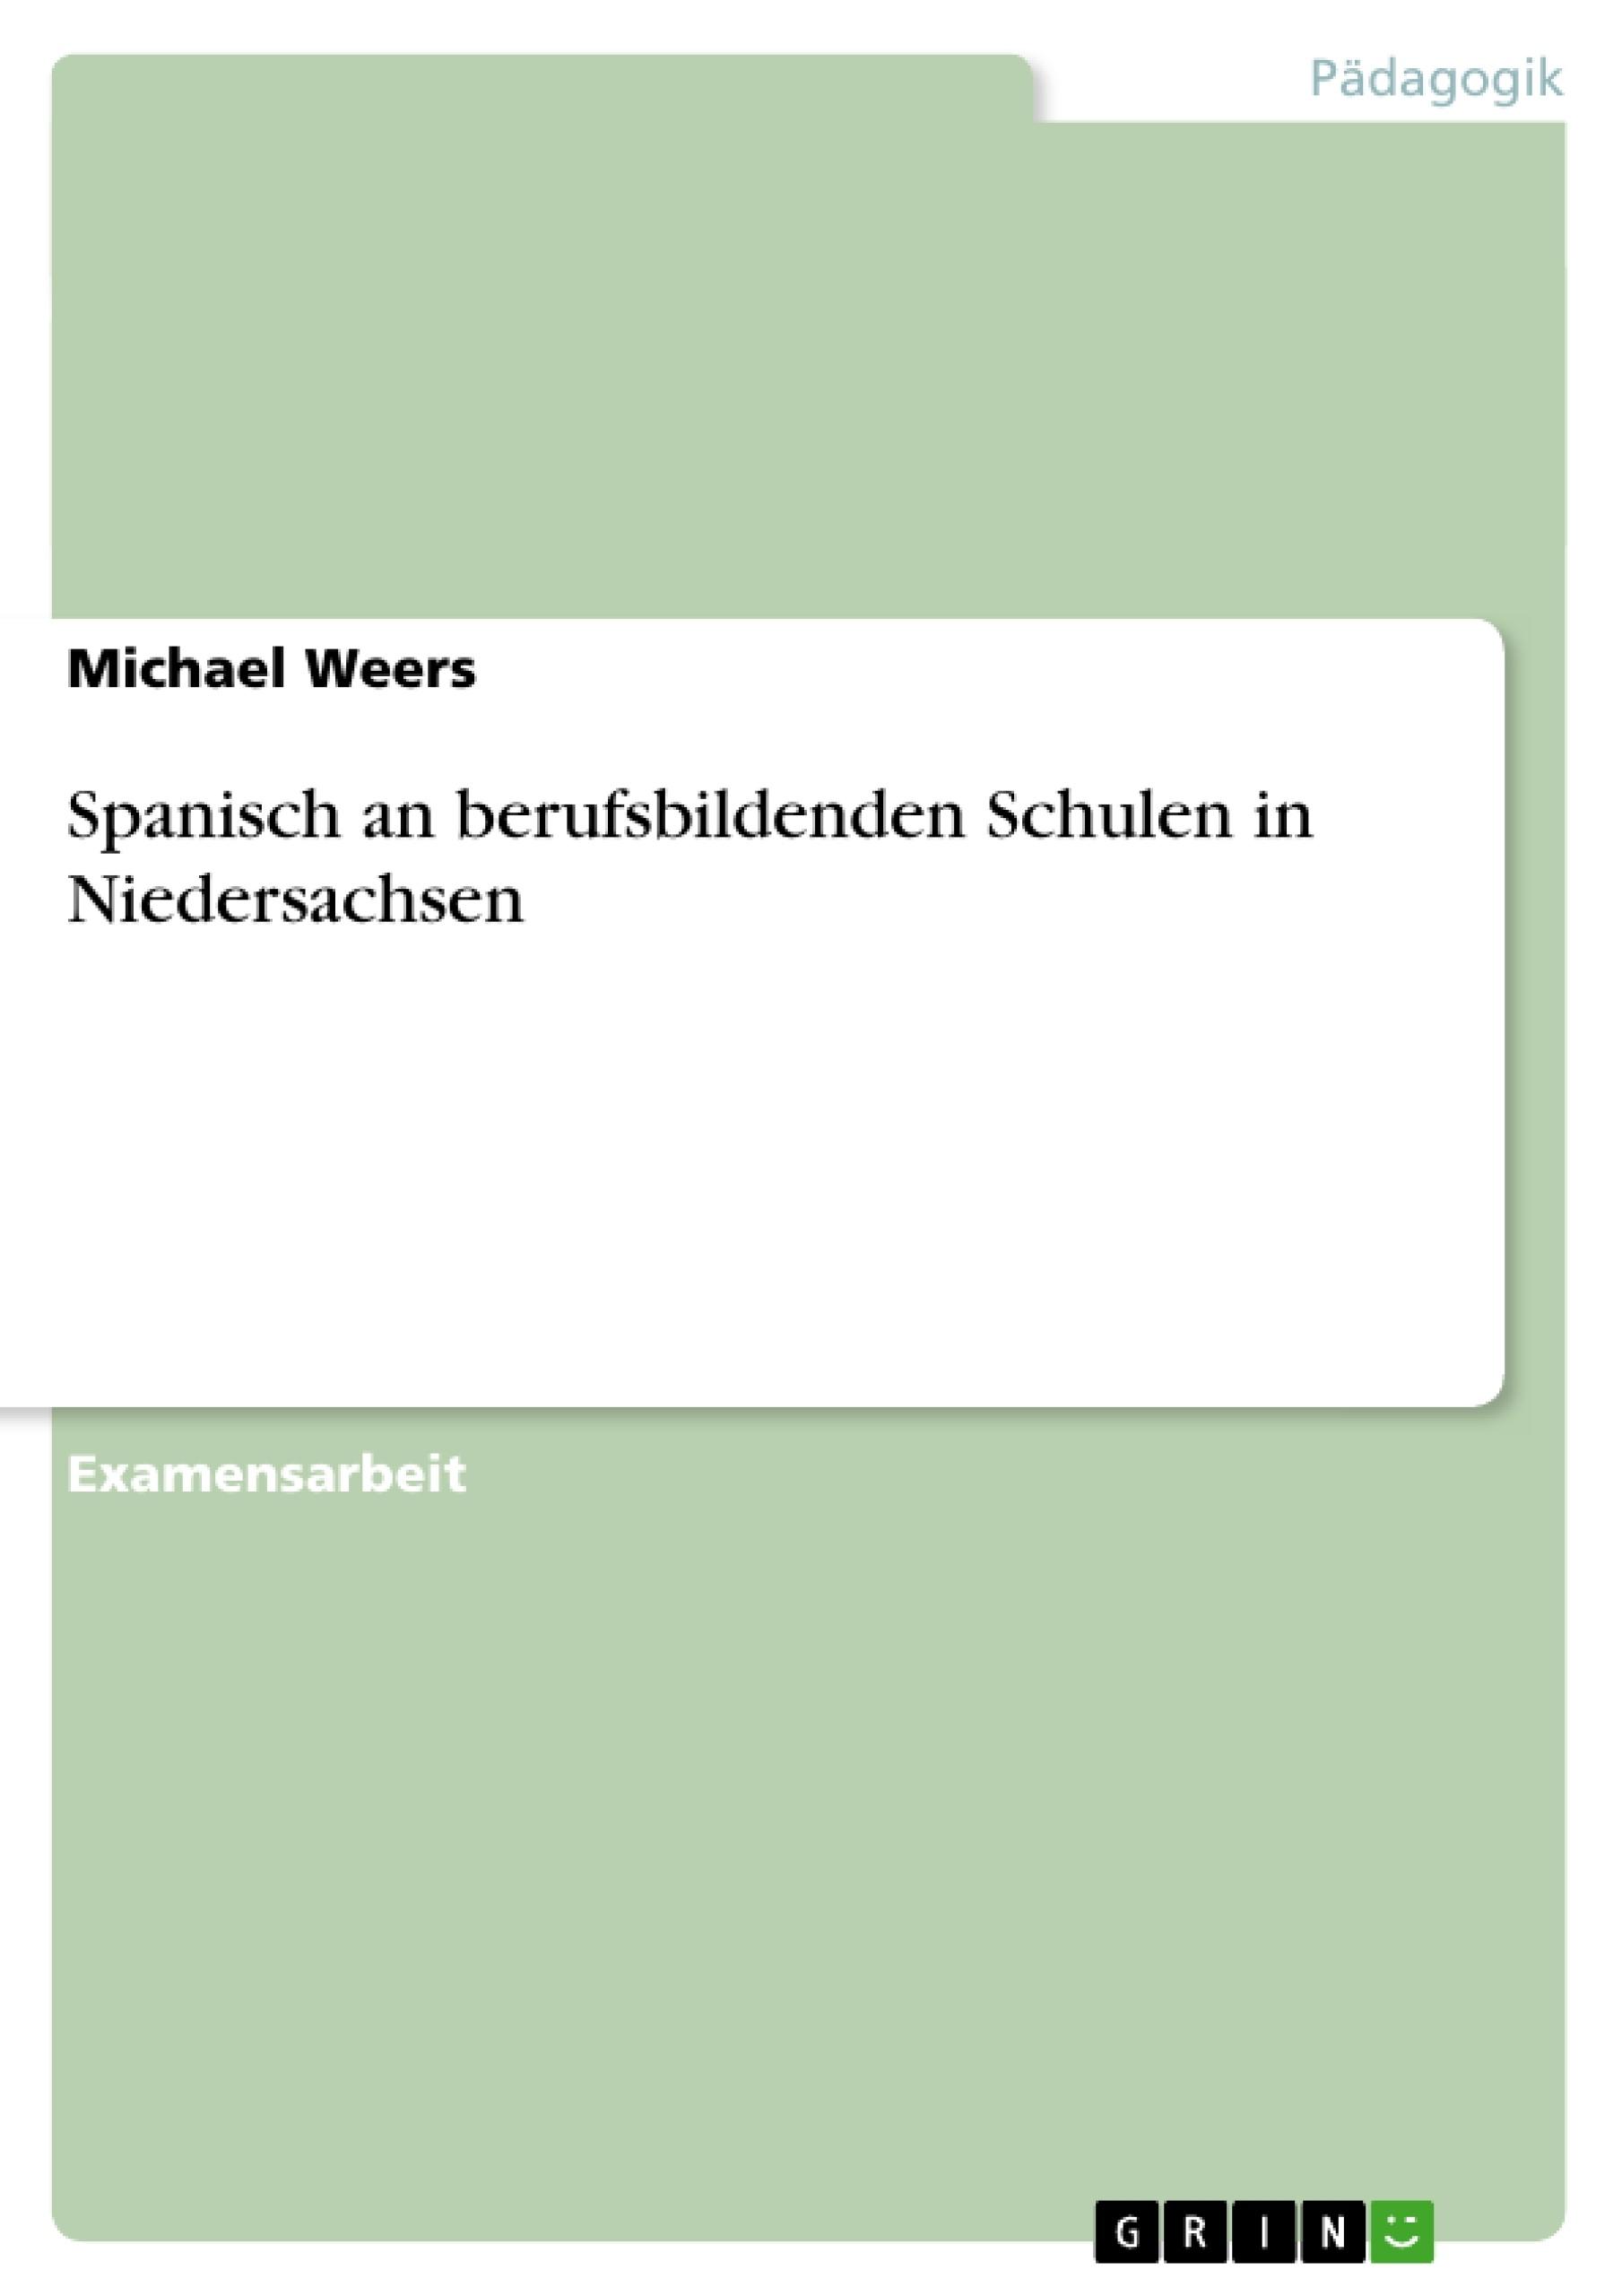 Titel: Spanisch an berufsbildenden Schulen in Niedersachsen